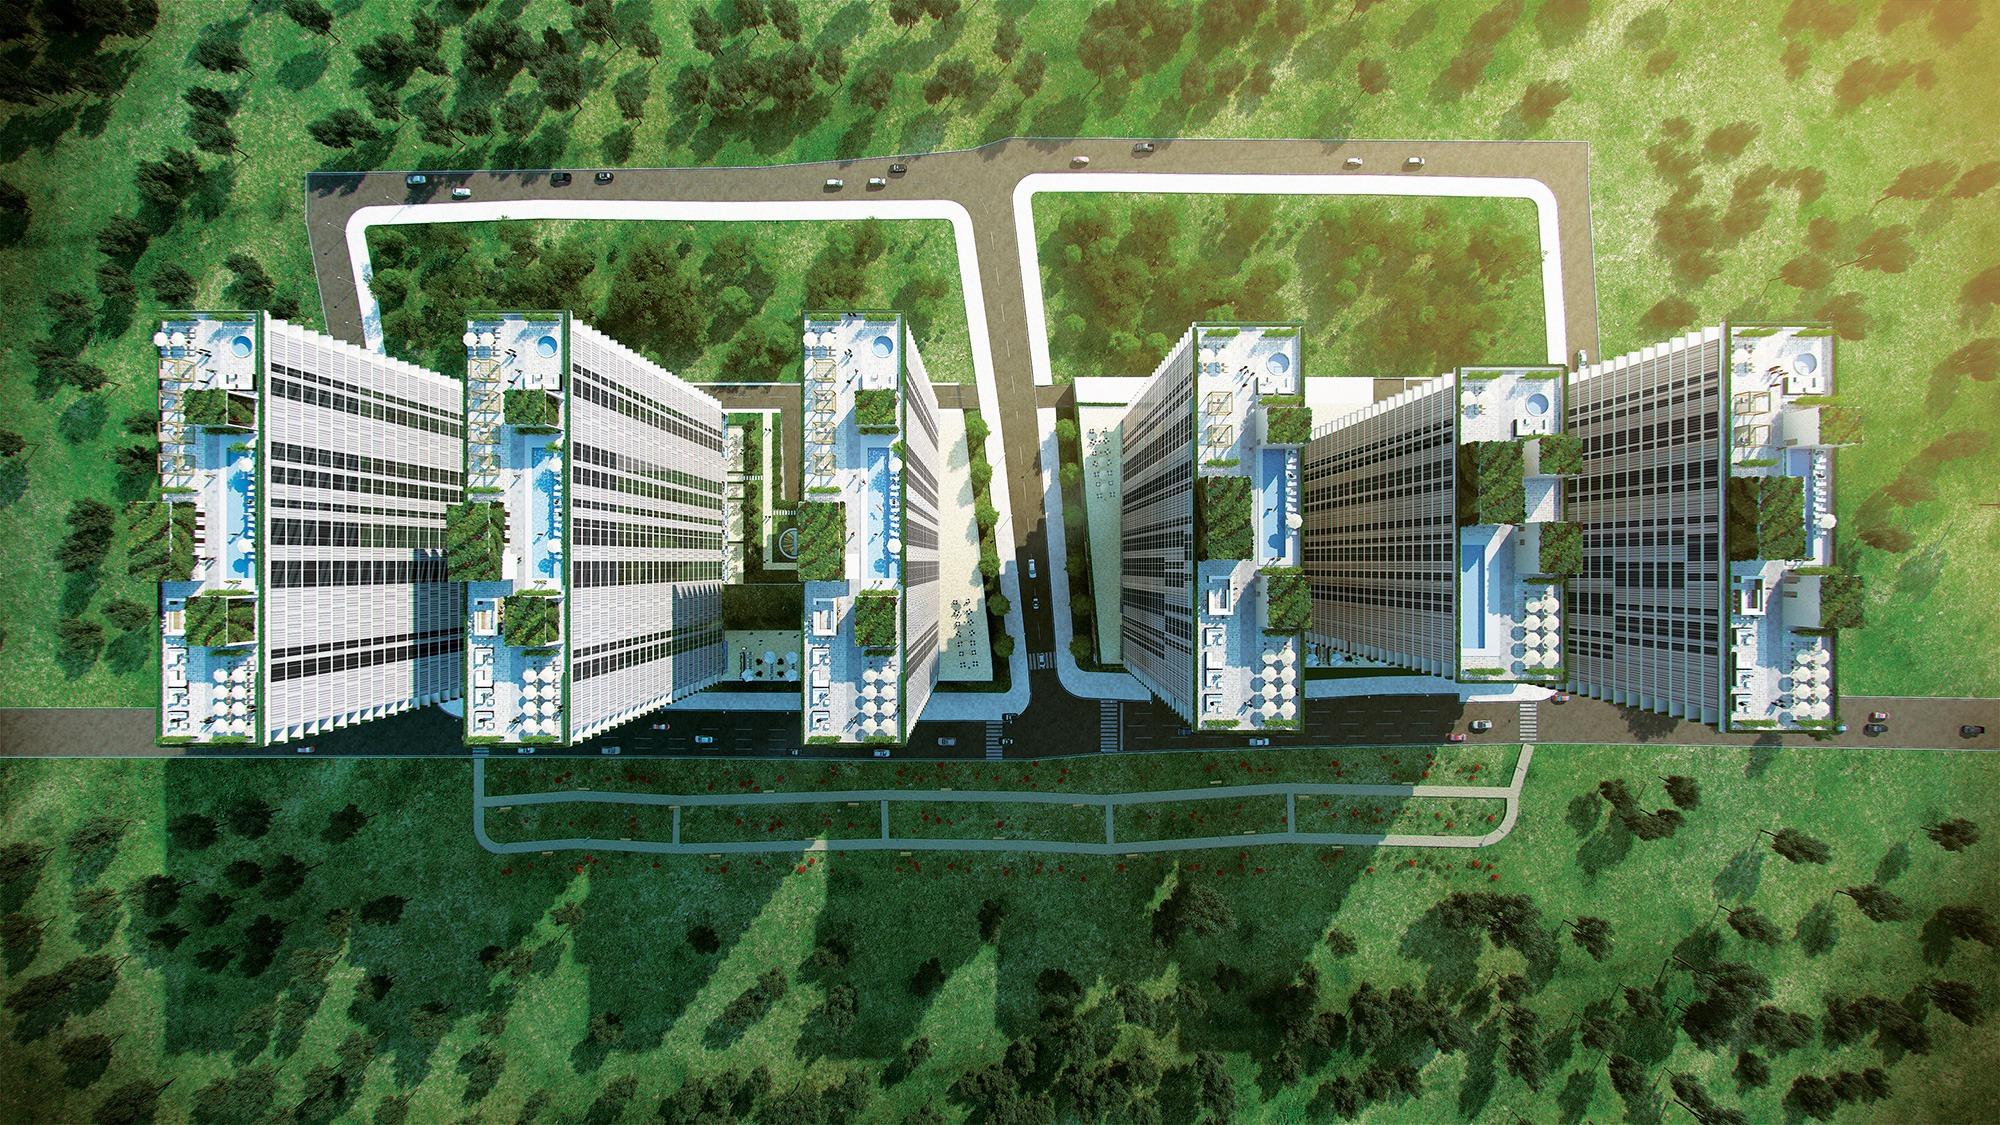 مشروع استثماري في اسطنبول الاناضول كود المشروع ( IC 54 )